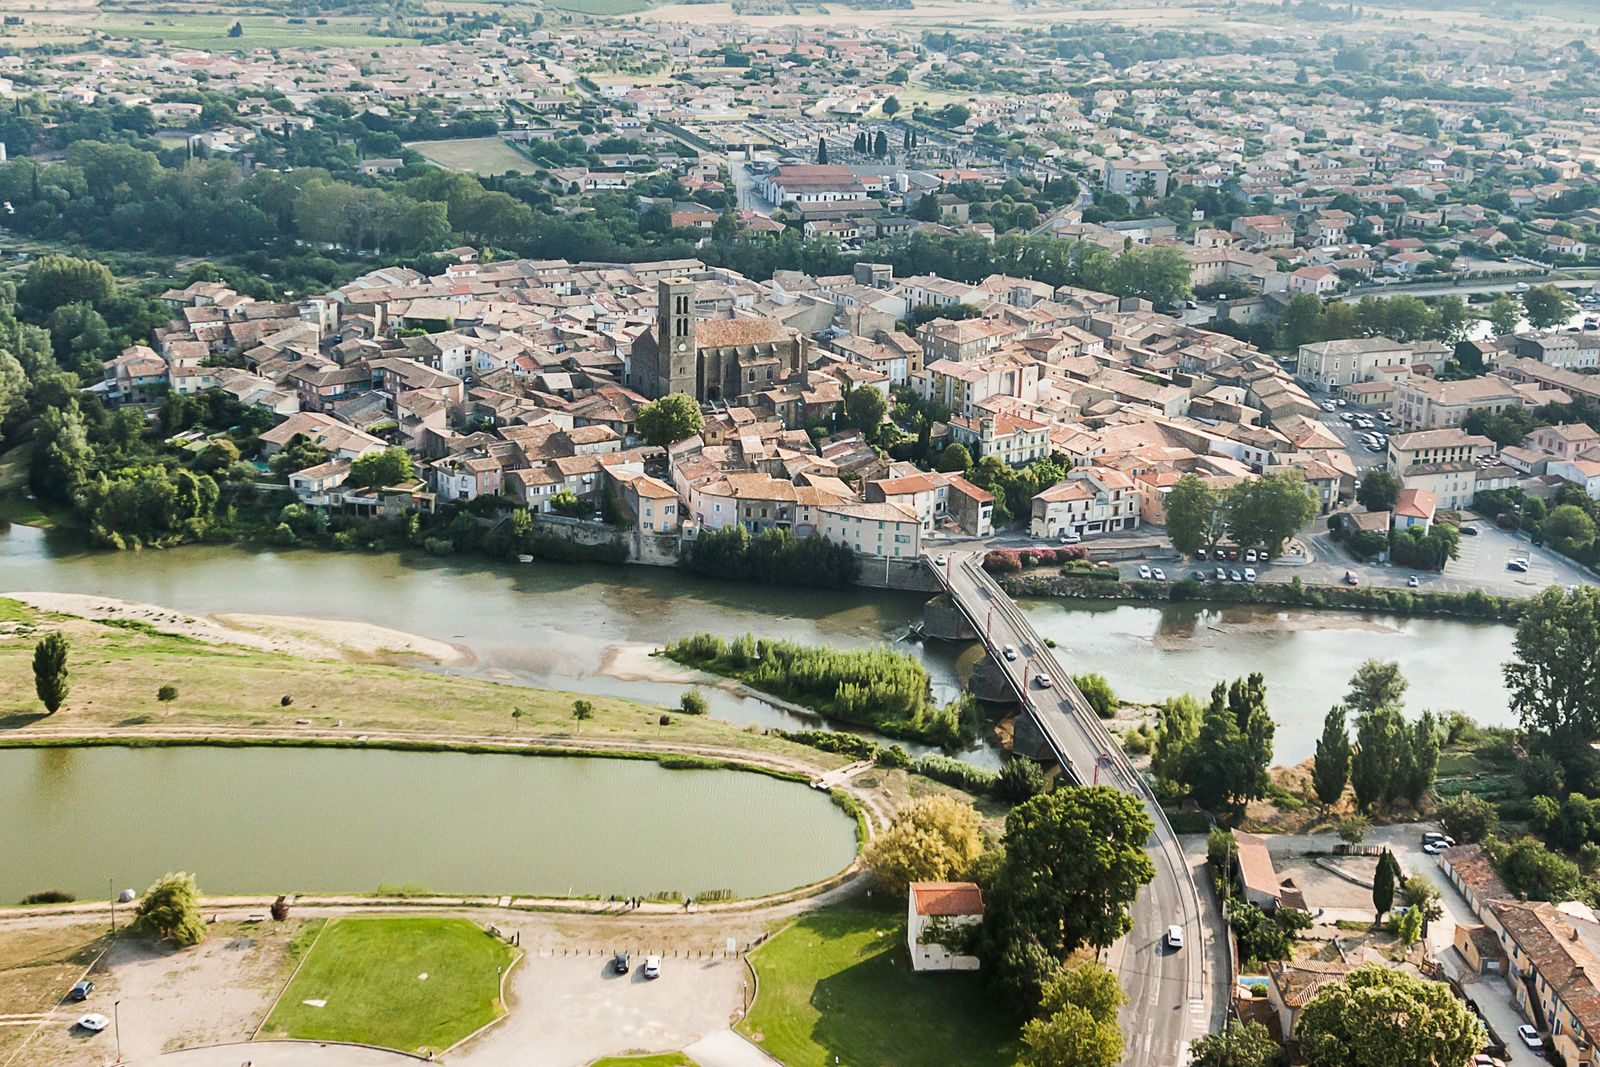 Vue aérienne de Trèbes (Aude)